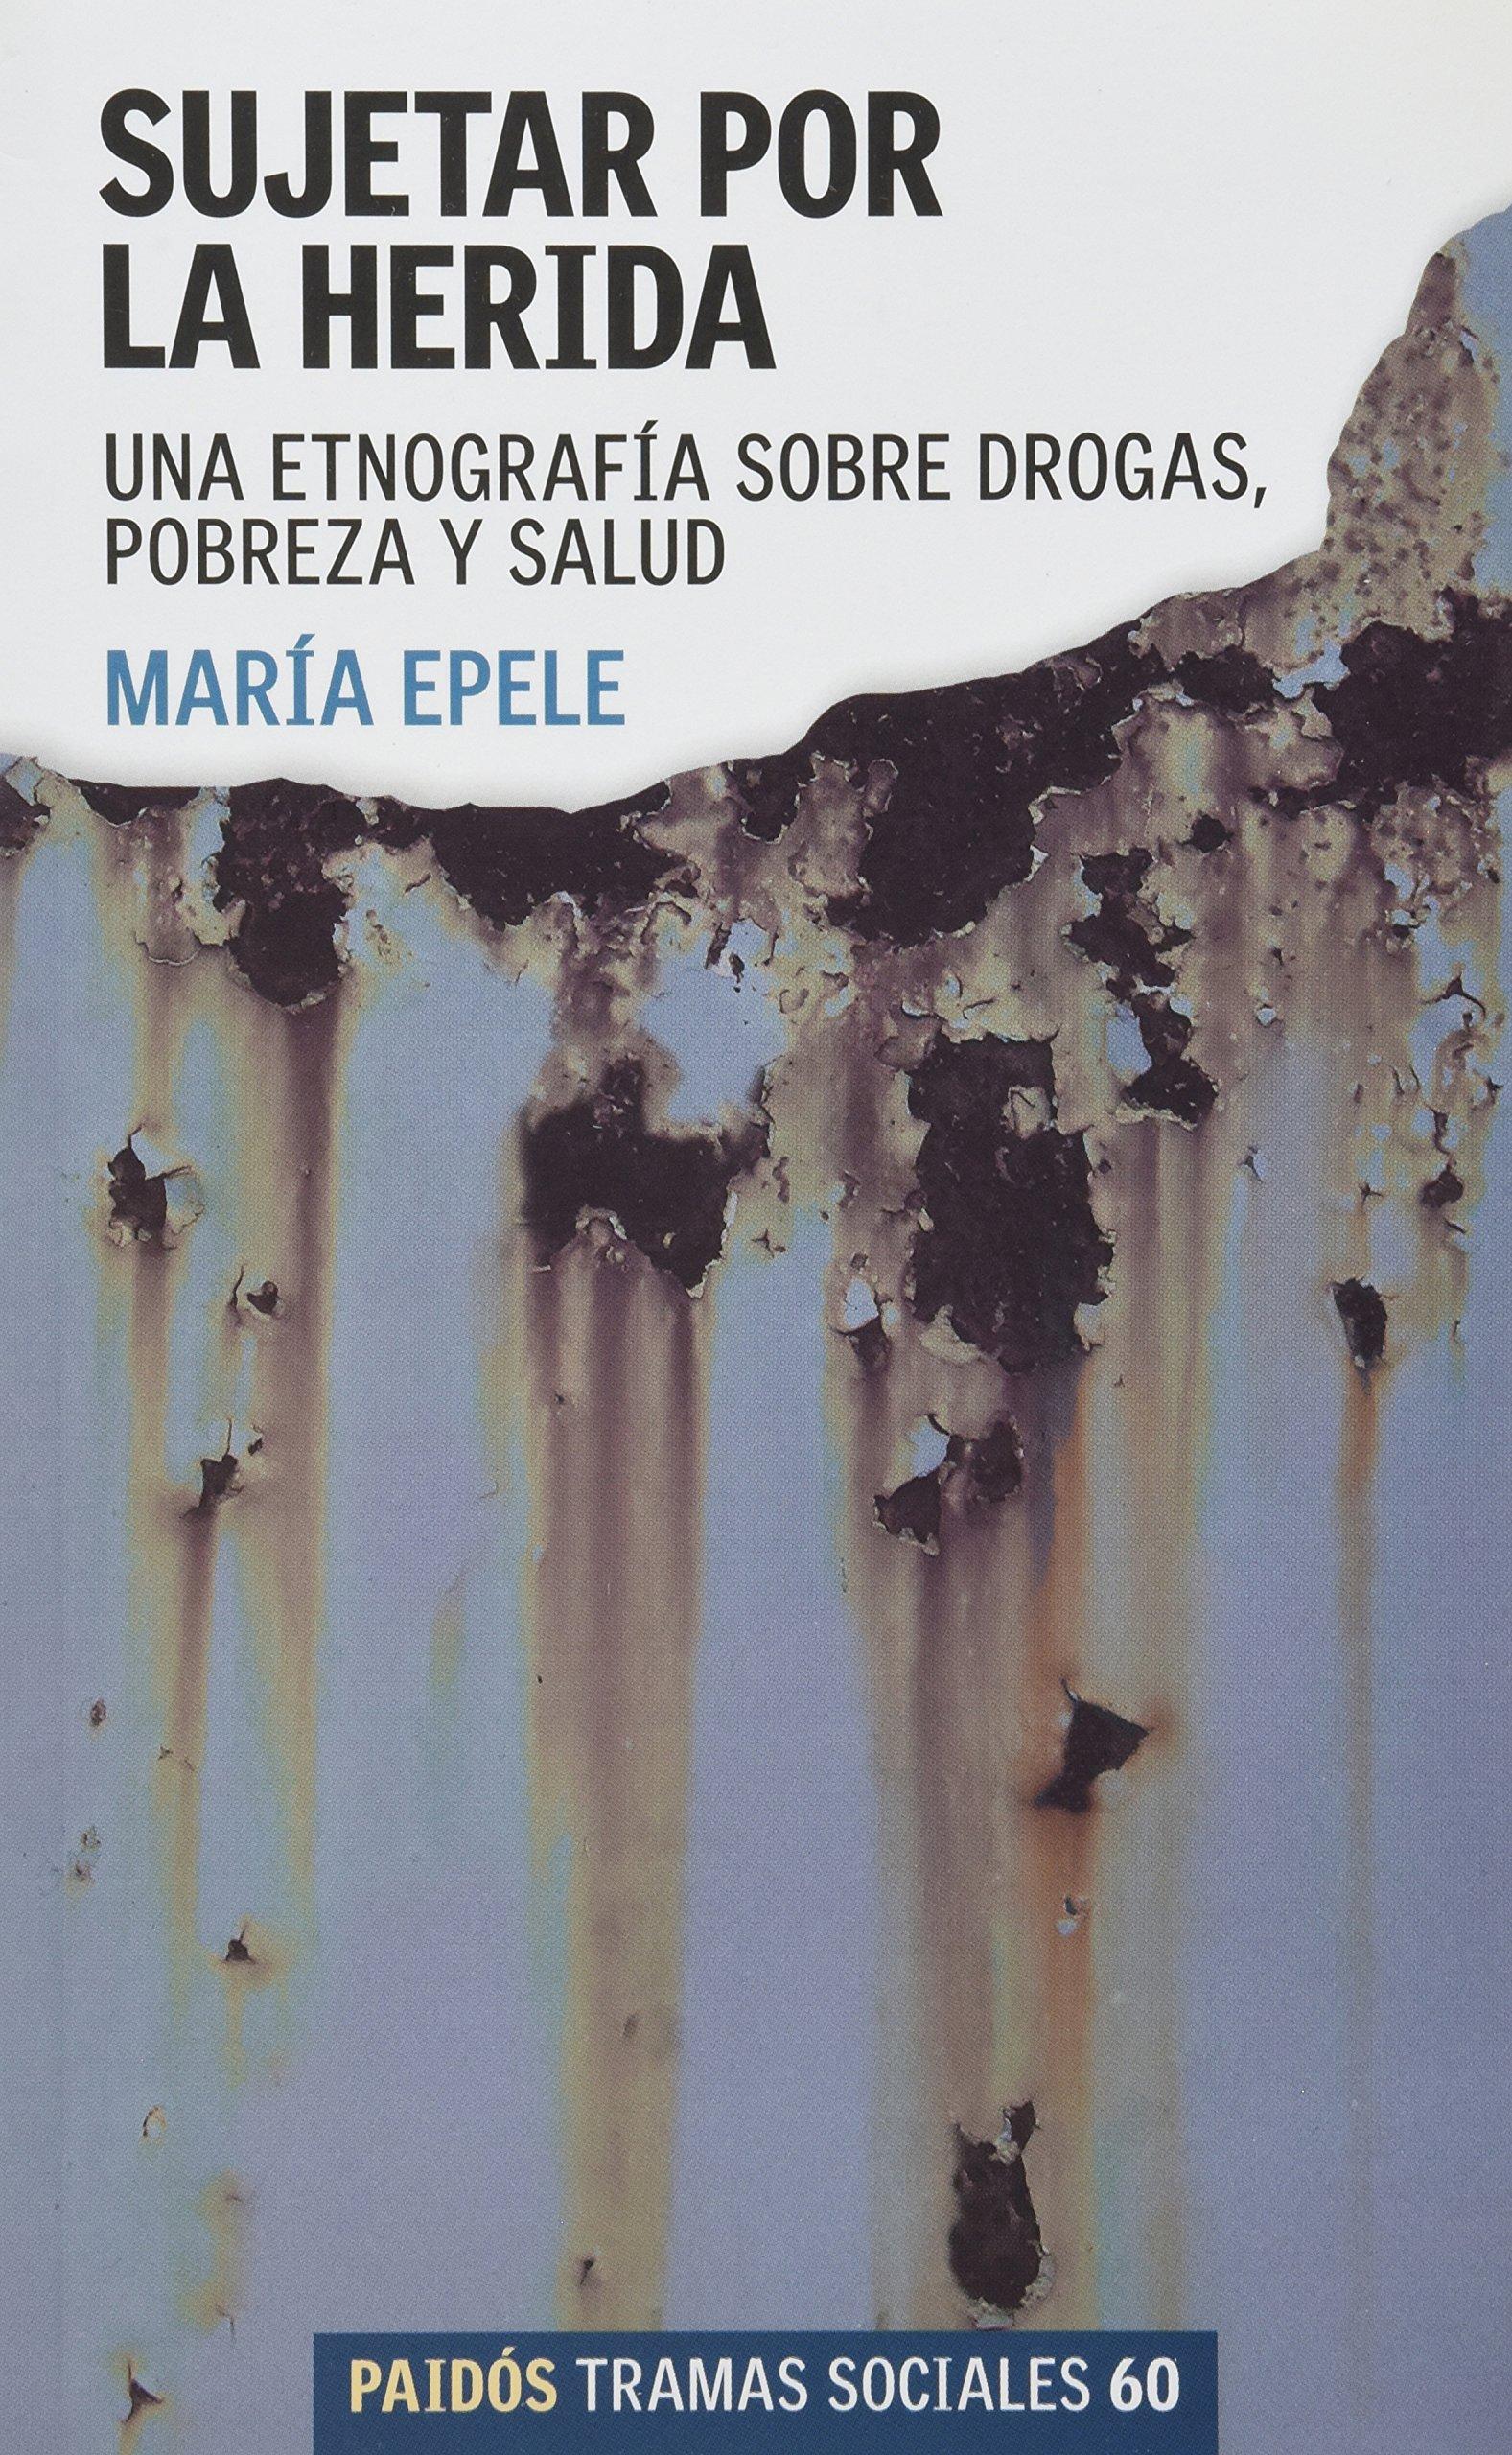 Sujetar por la herida. Una etnografía sobre drogas, pobreza y salud: VARIOS AUTORES: 9789501245608: Amazon.com: Books